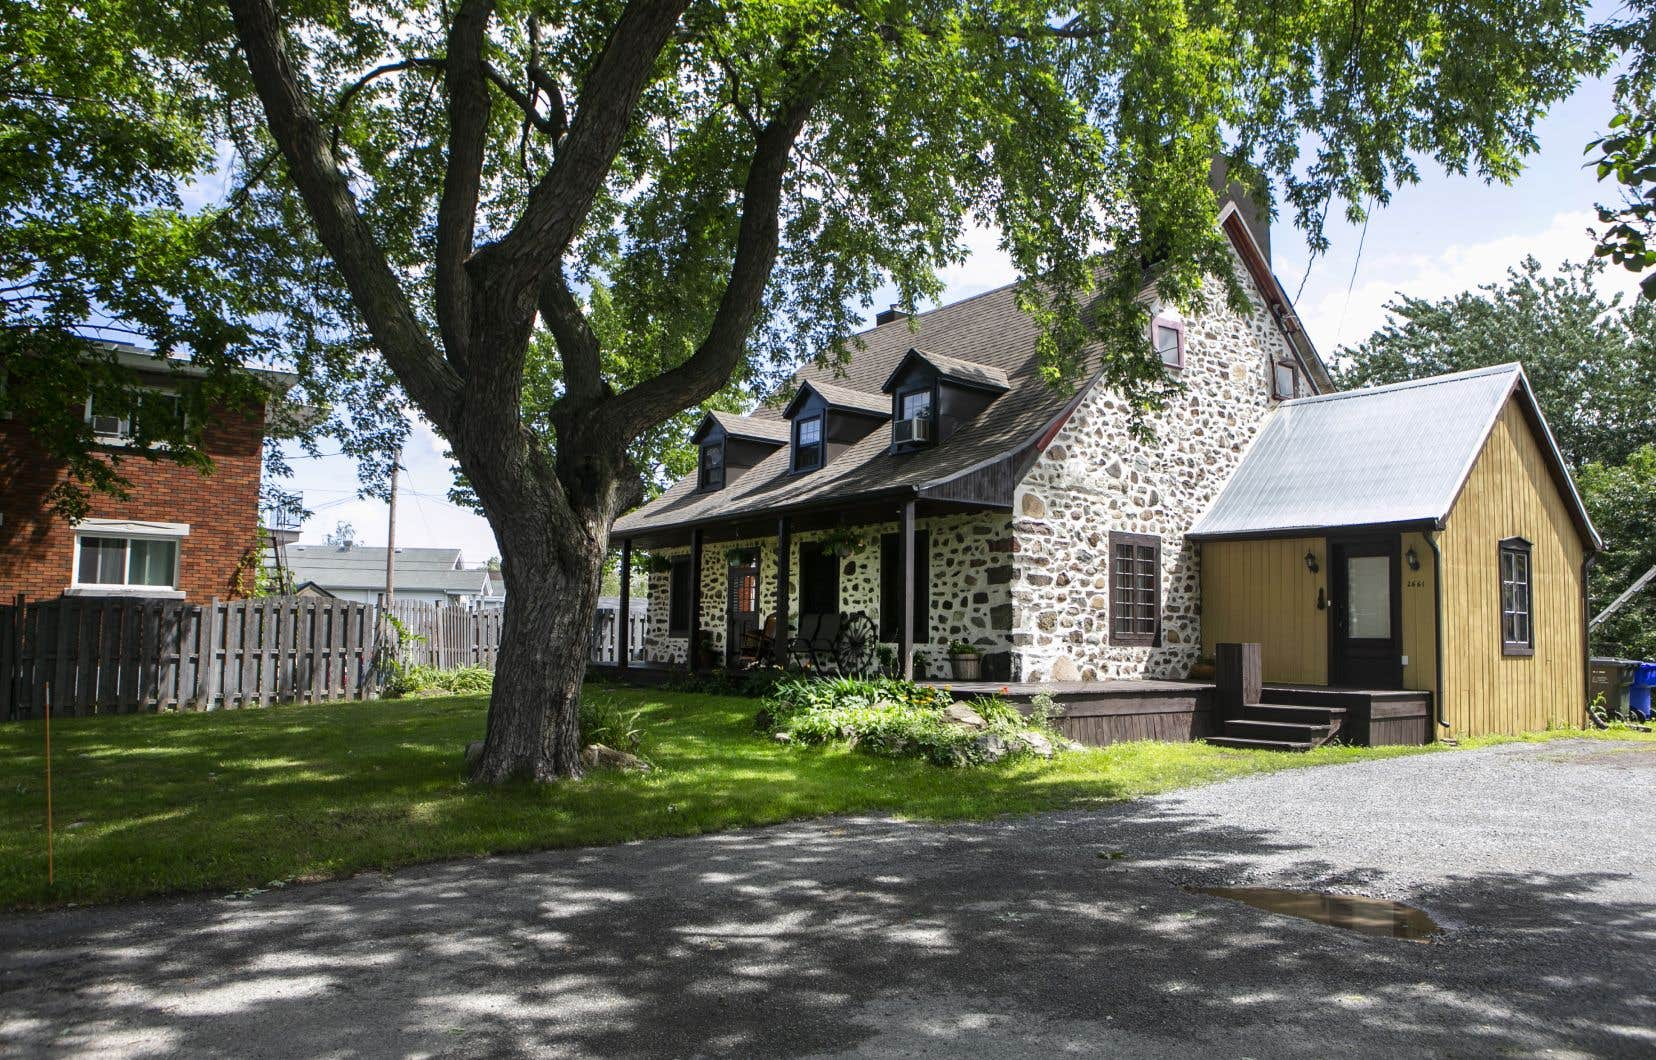 Cette maison, qui date de l'époque de la Nouvelle-France, a notamment été la propriété, au début du XIX<sup>e</sup>siècle, de Paul Lussier.